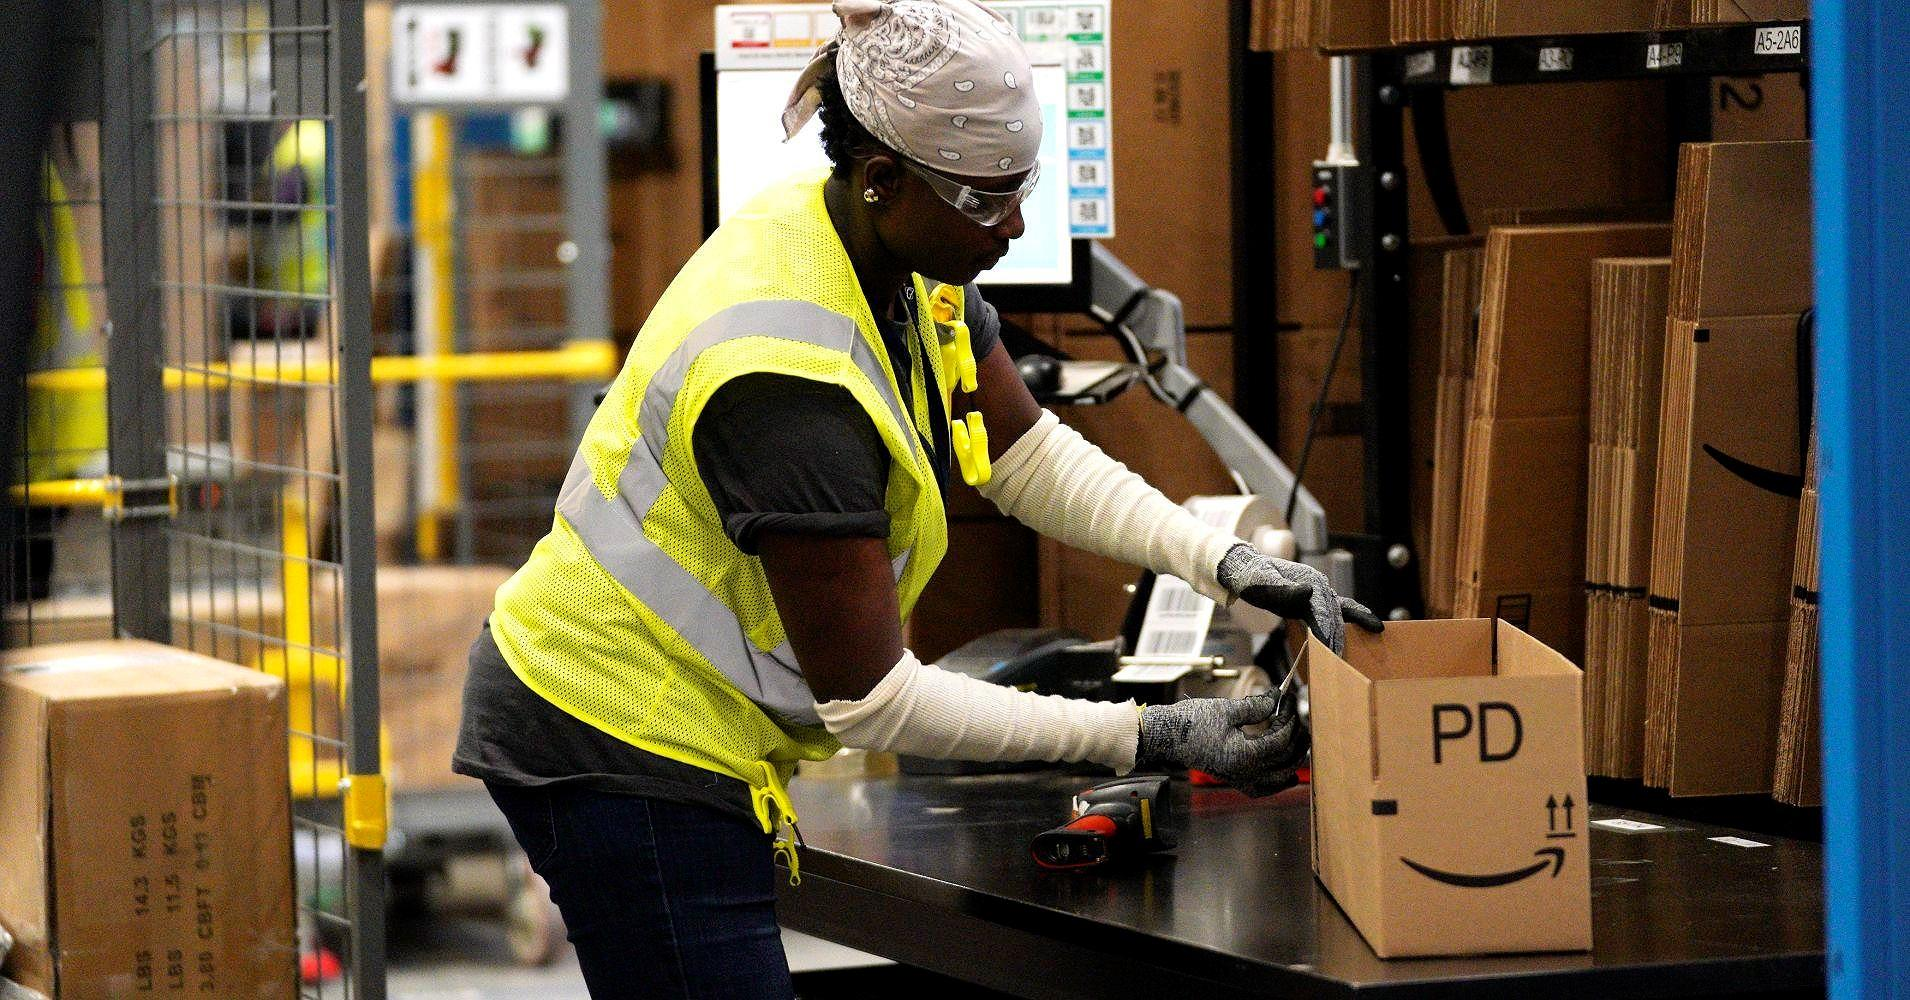 Đội ngũ robot mới của Amazon có thể sẽ cướp hết việc làm của người giao hàng? Ảnh 3